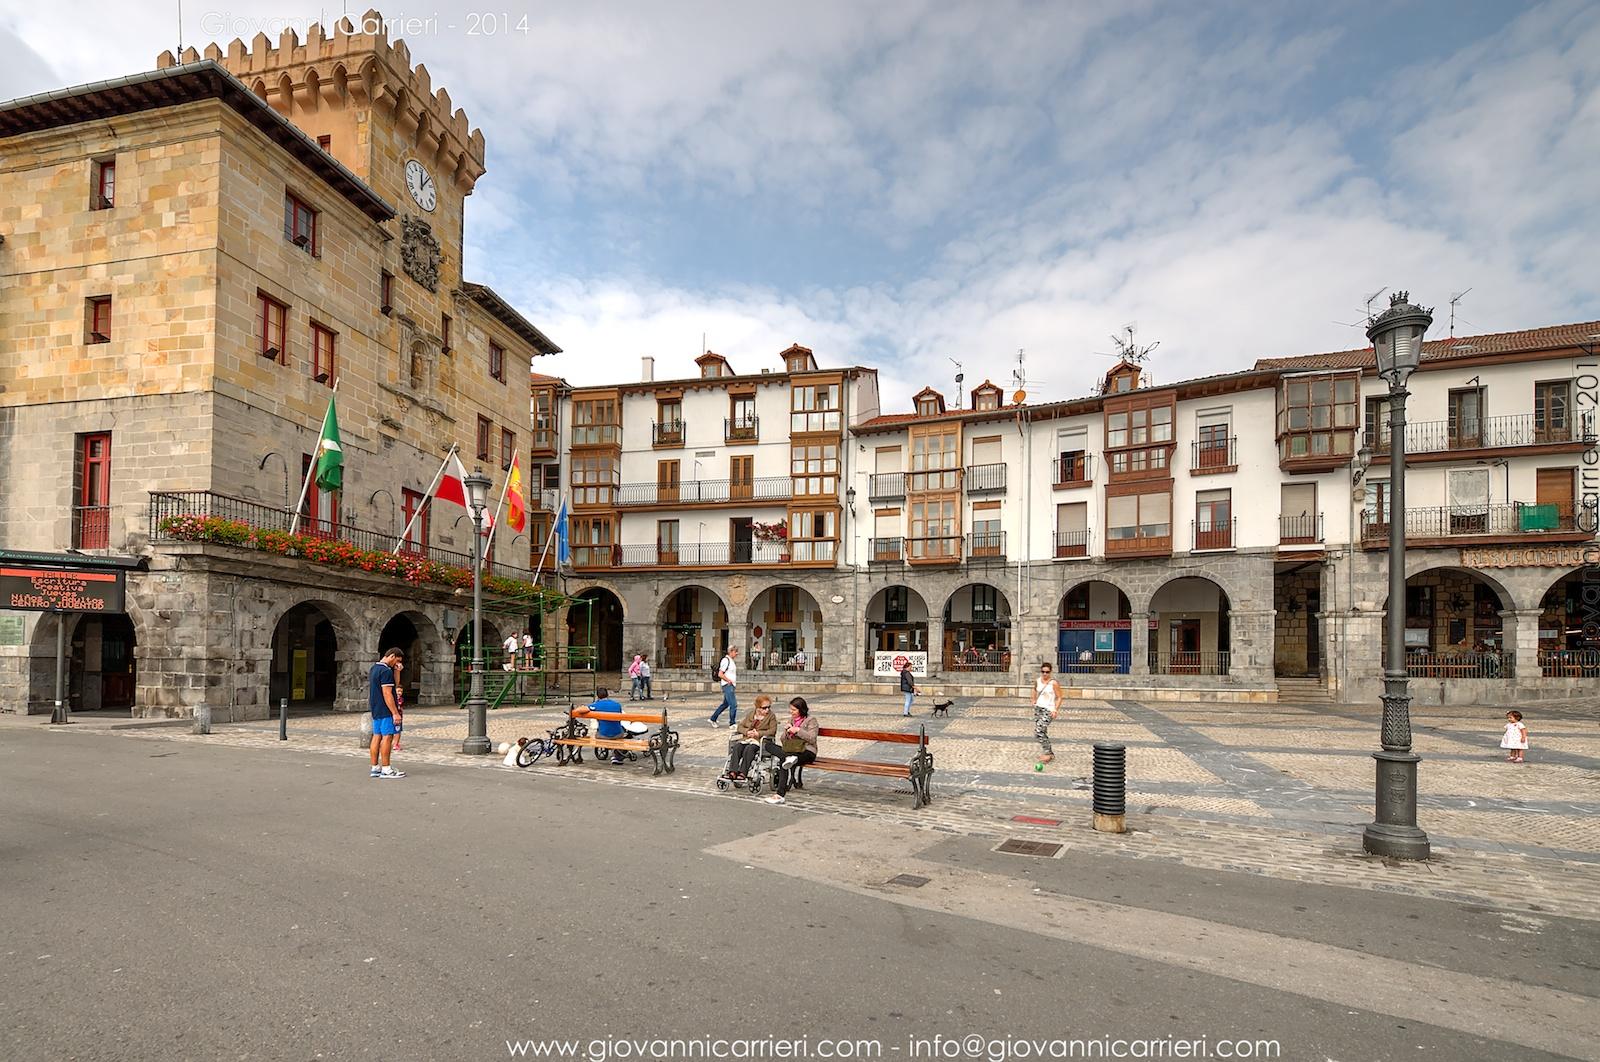 Il palazzo comunale di Castro Urdiales - Spagna